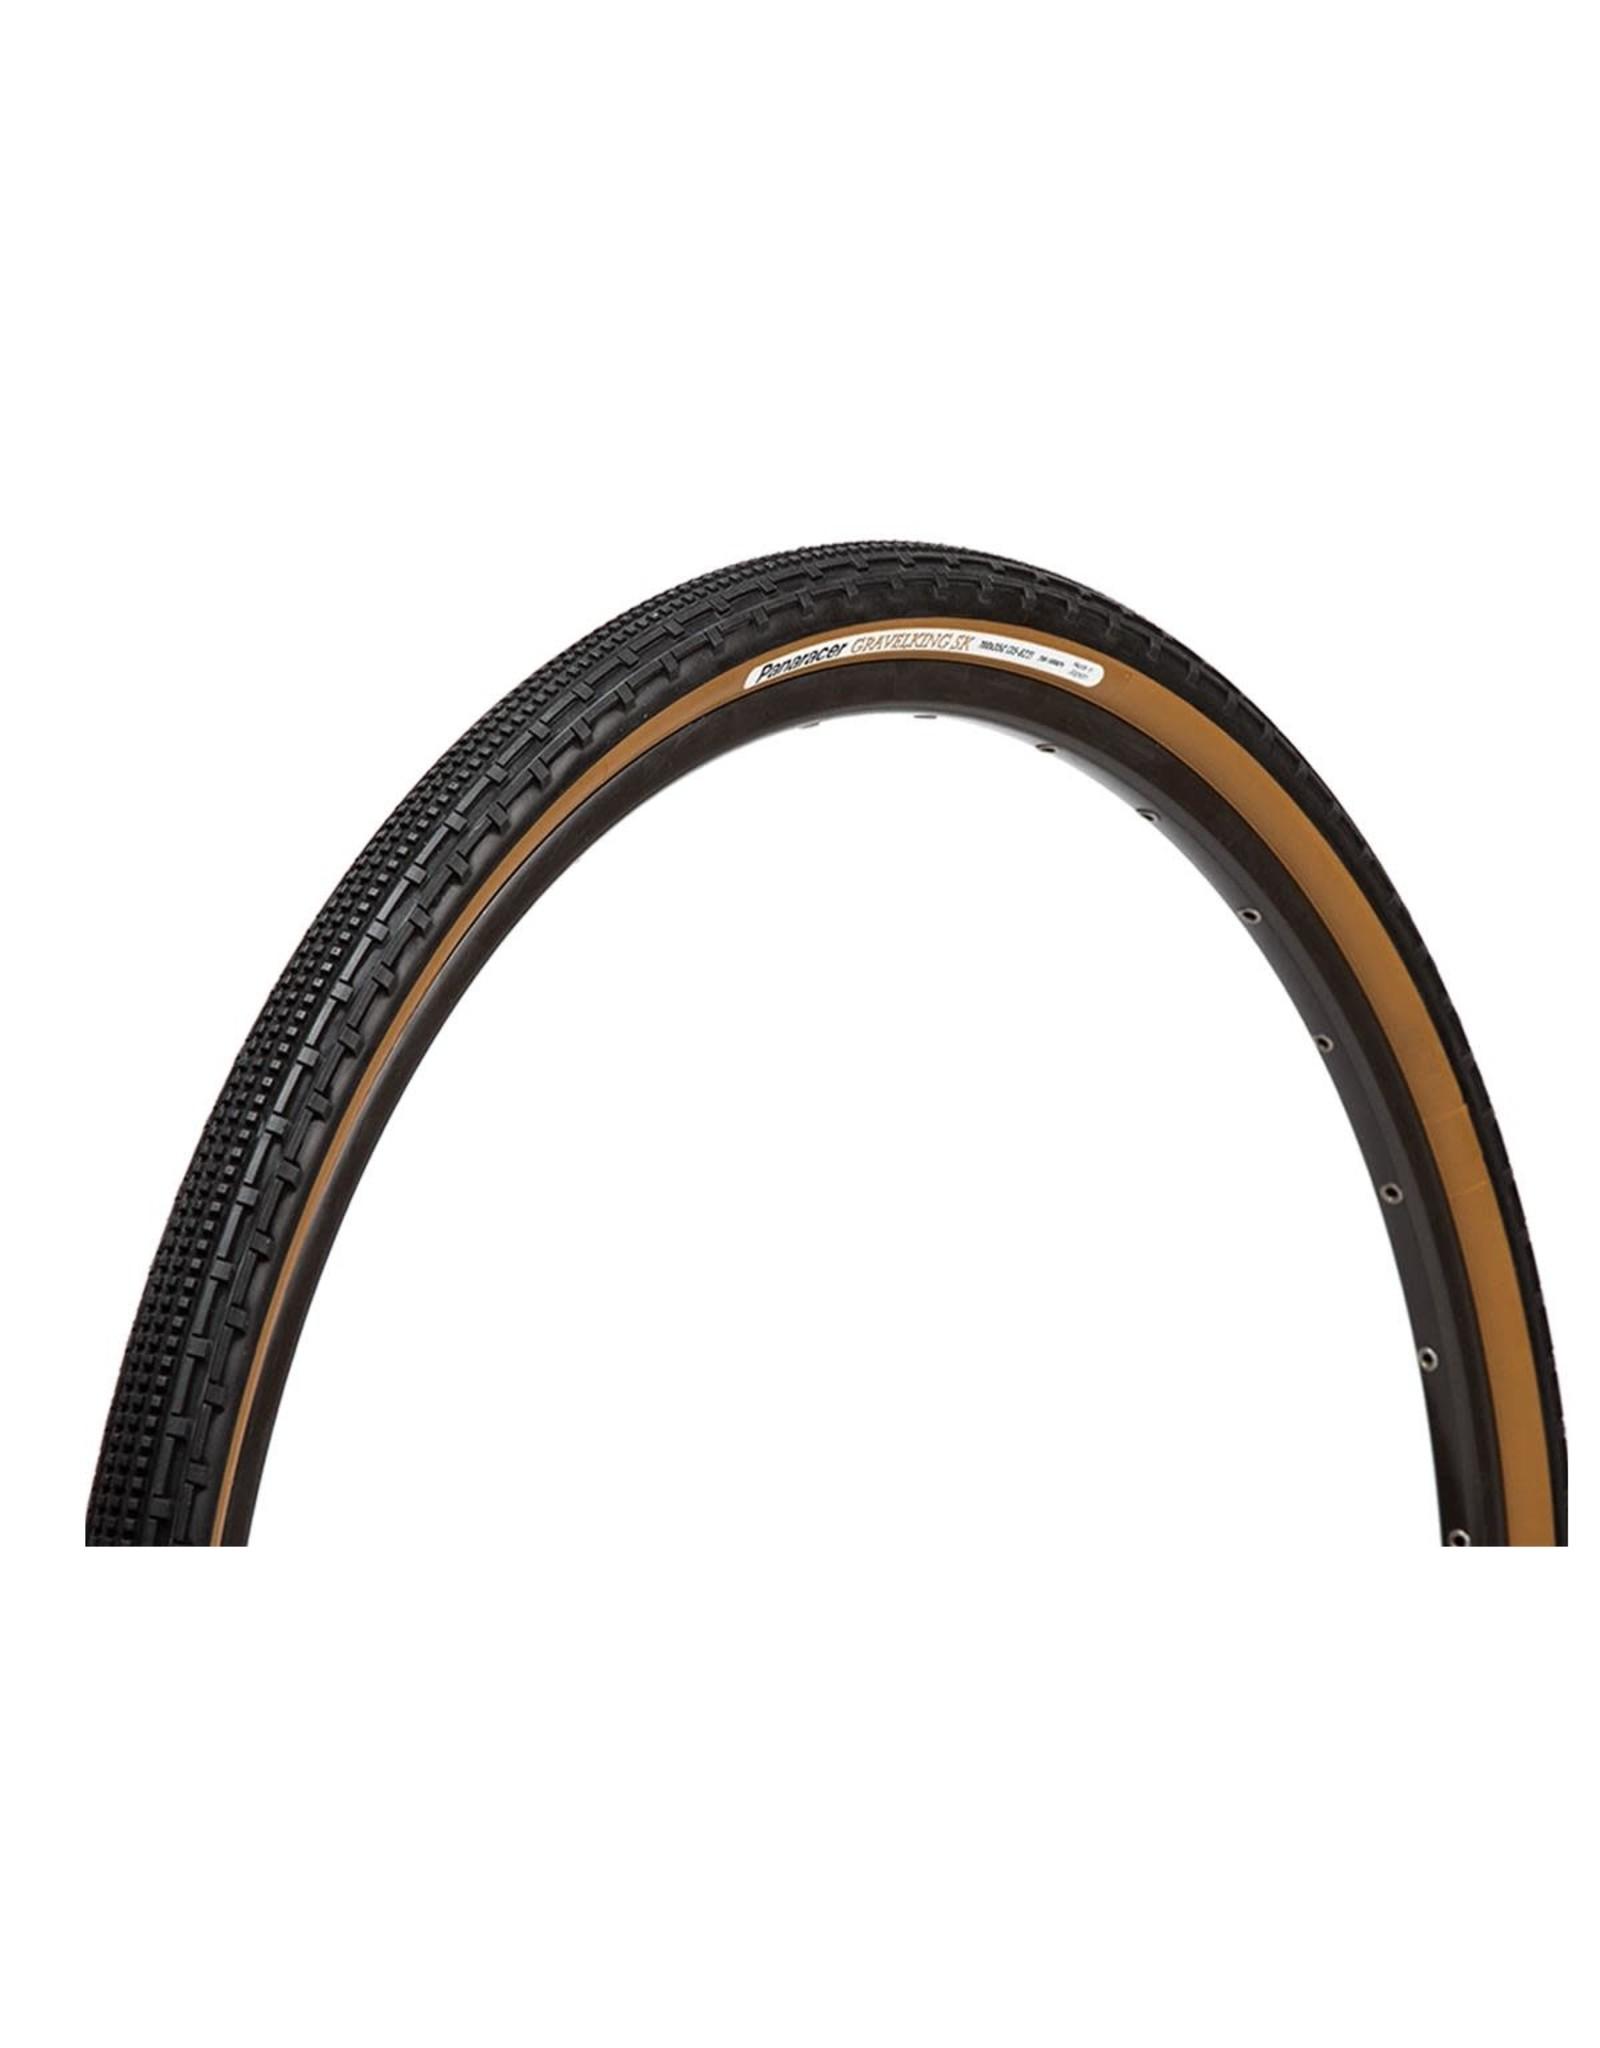 Panaracer Tyre GravelK Sk Fld Brn 700 x 35